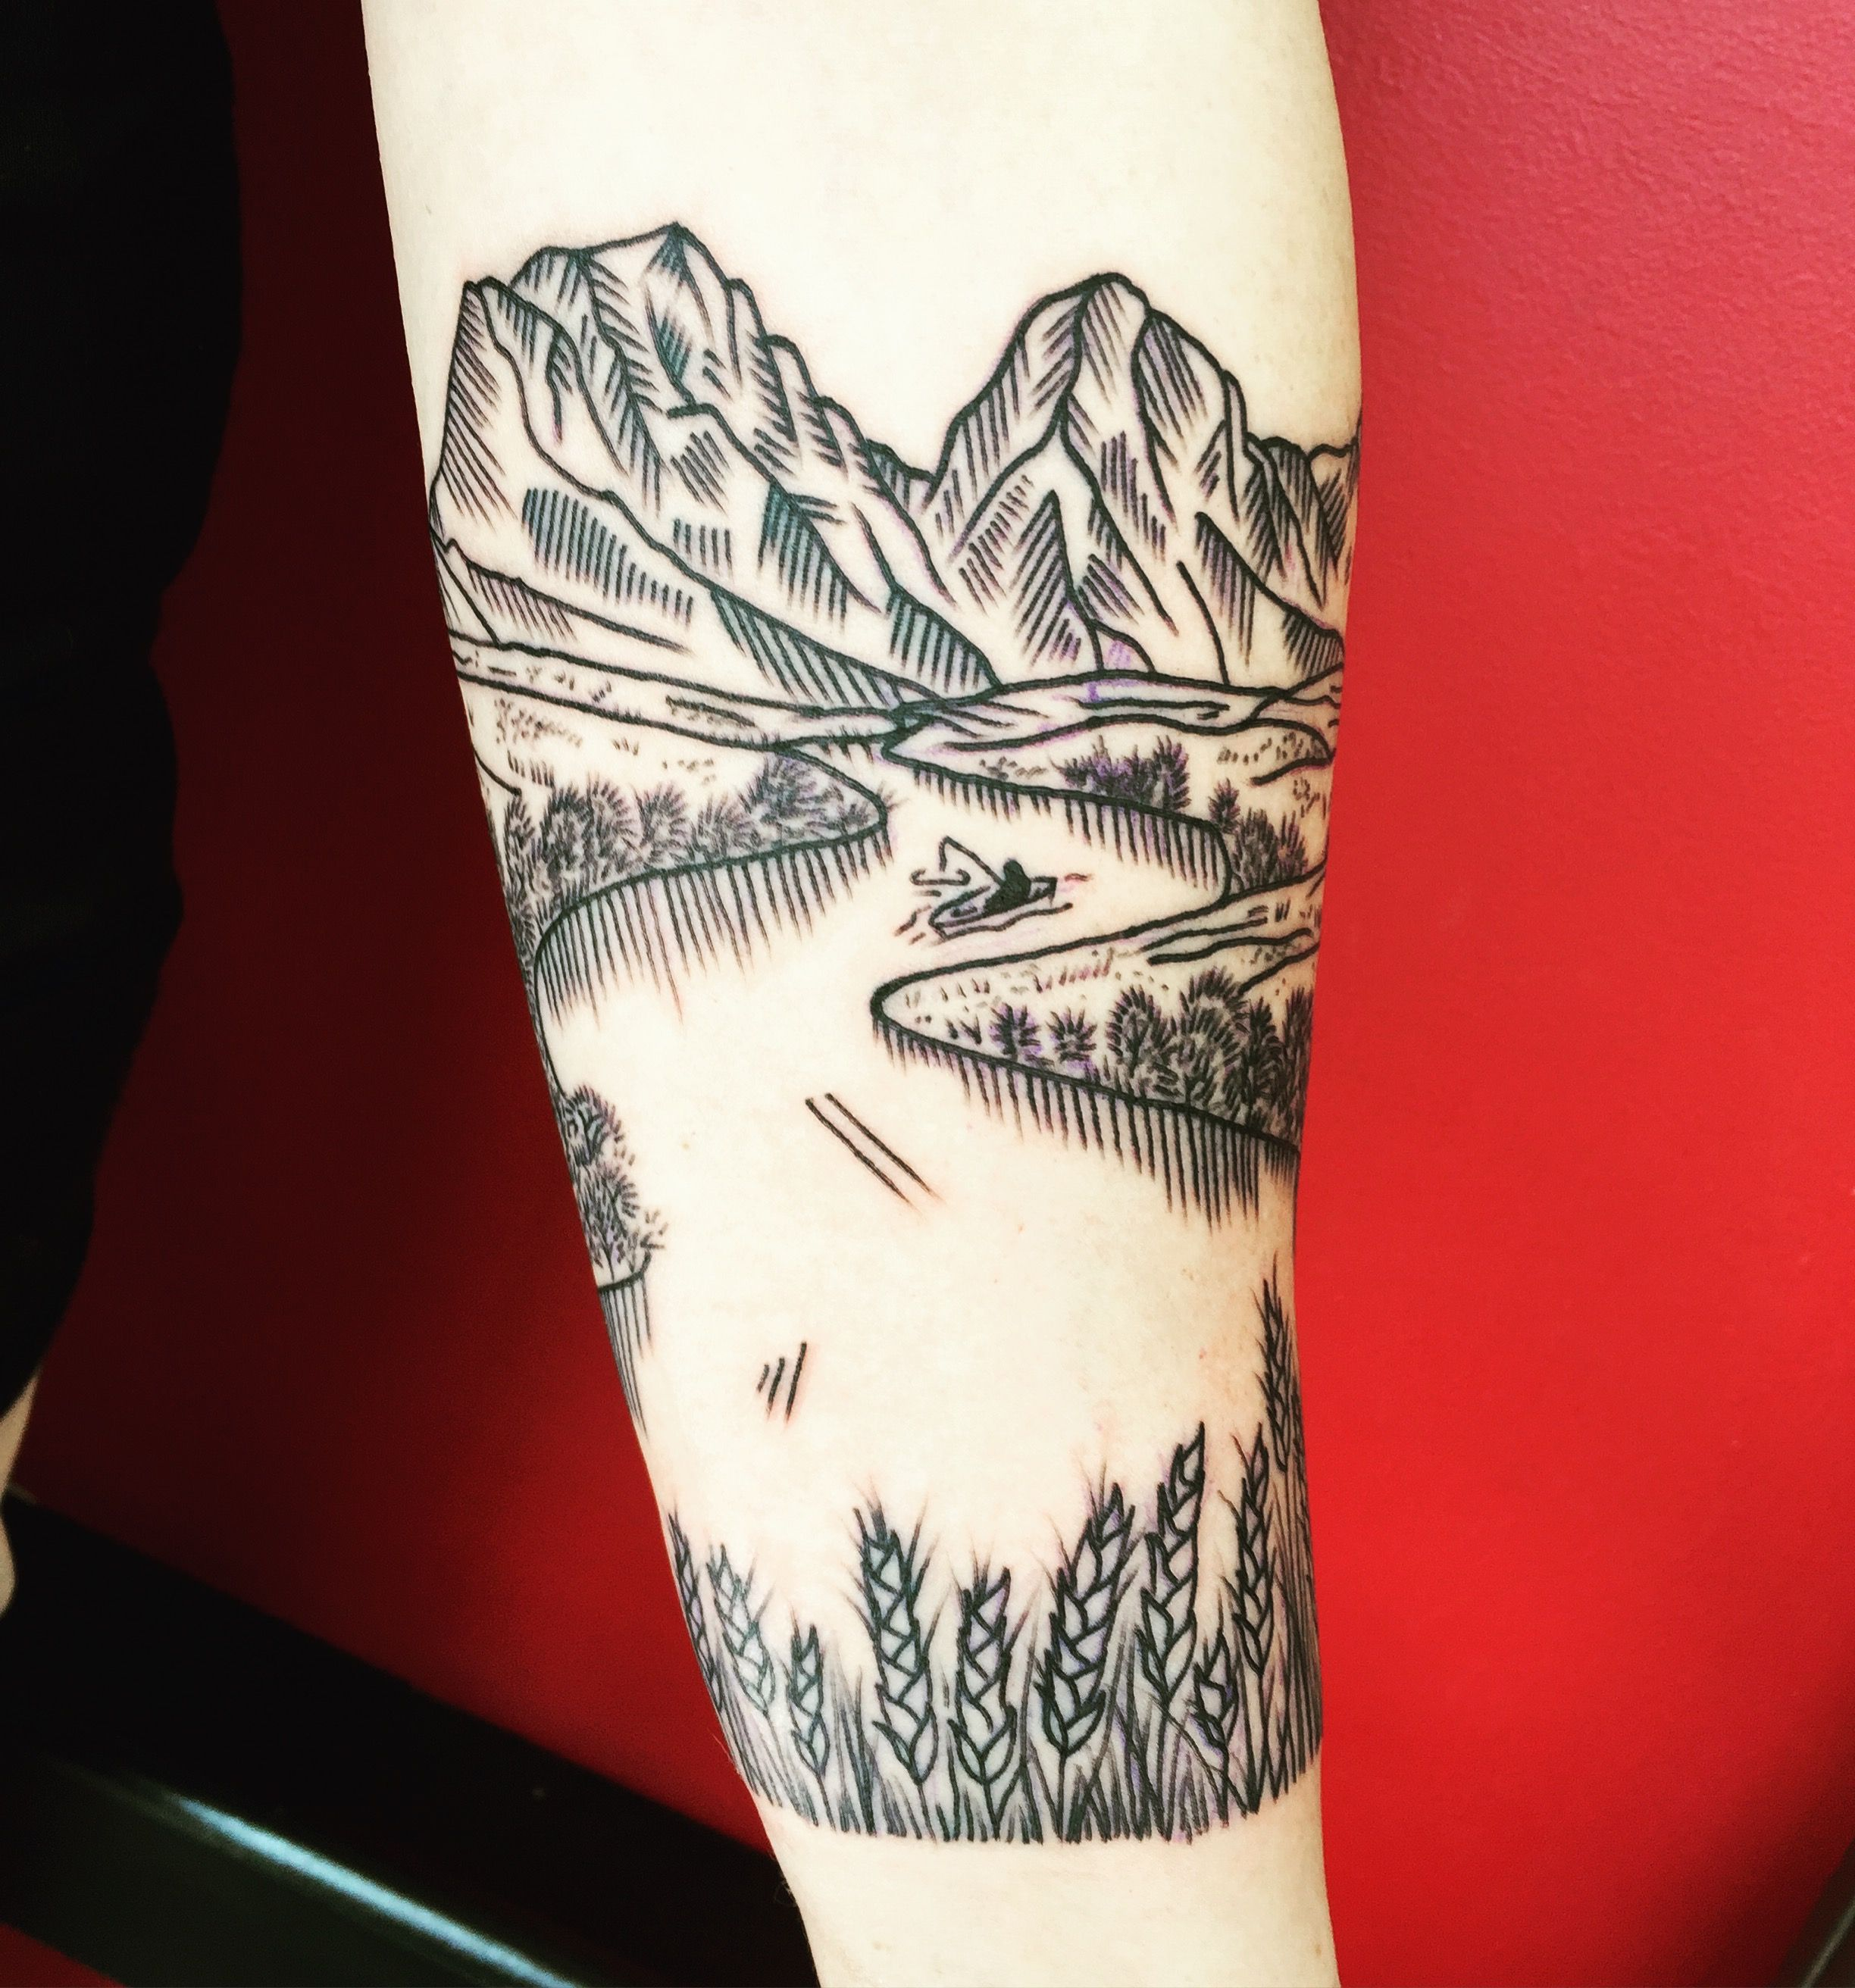 Portland Tattoo Parlor - New Rose Tattoo, Erica Kraner | tattoos ...